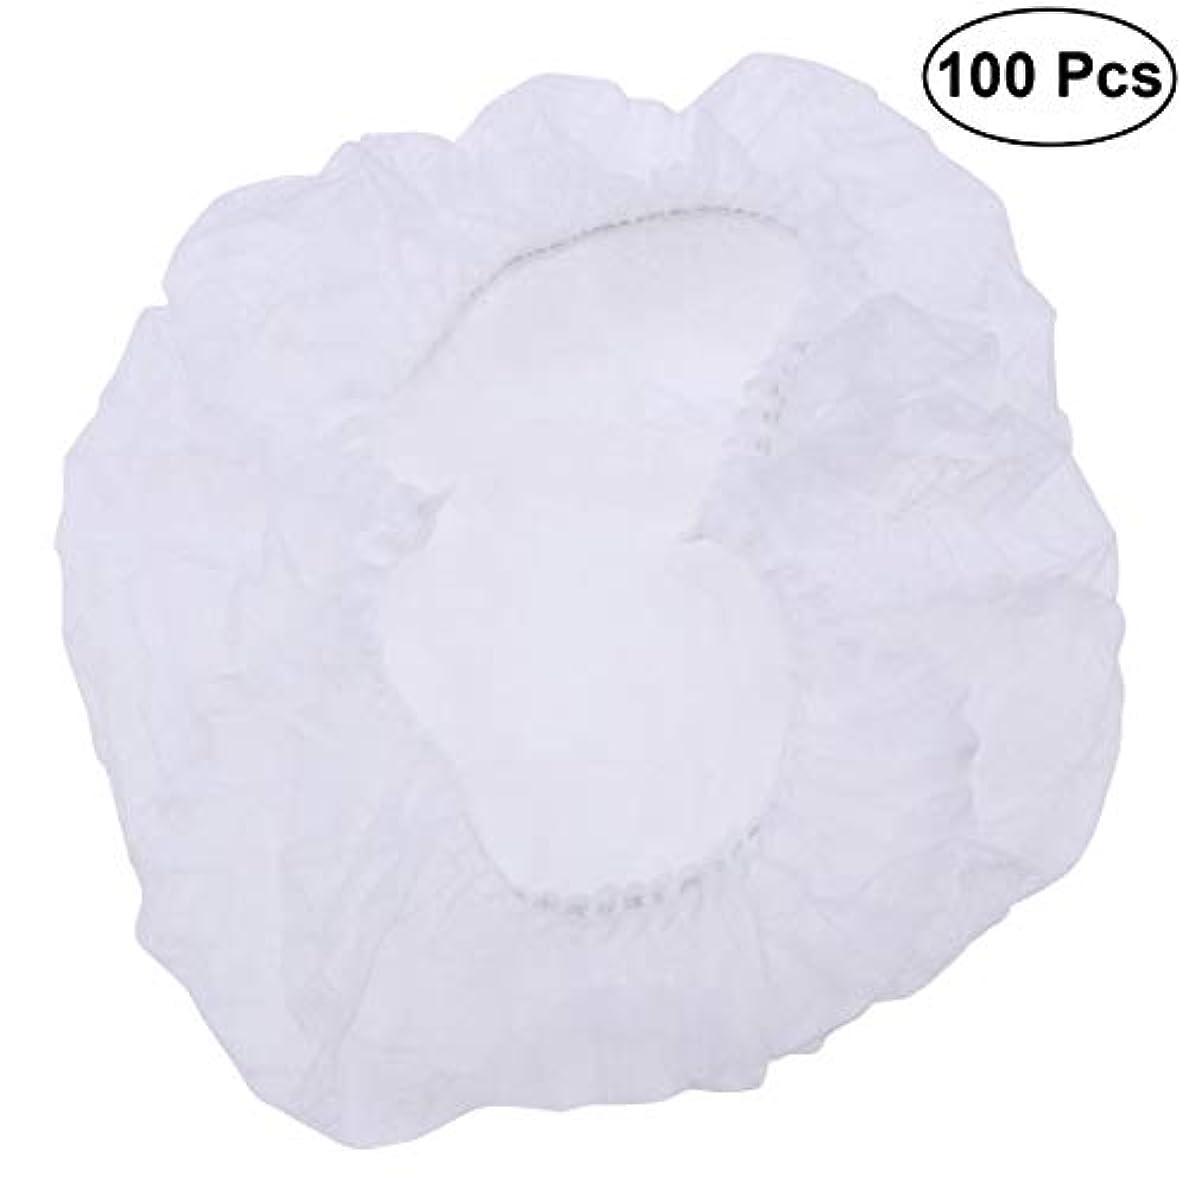 代替めんどり疑問に思うSUPVOX ヘアサロンの家のホテル100pcsのための使い捨て可能なシャワーキャップの伸縮性がある毛の帽子